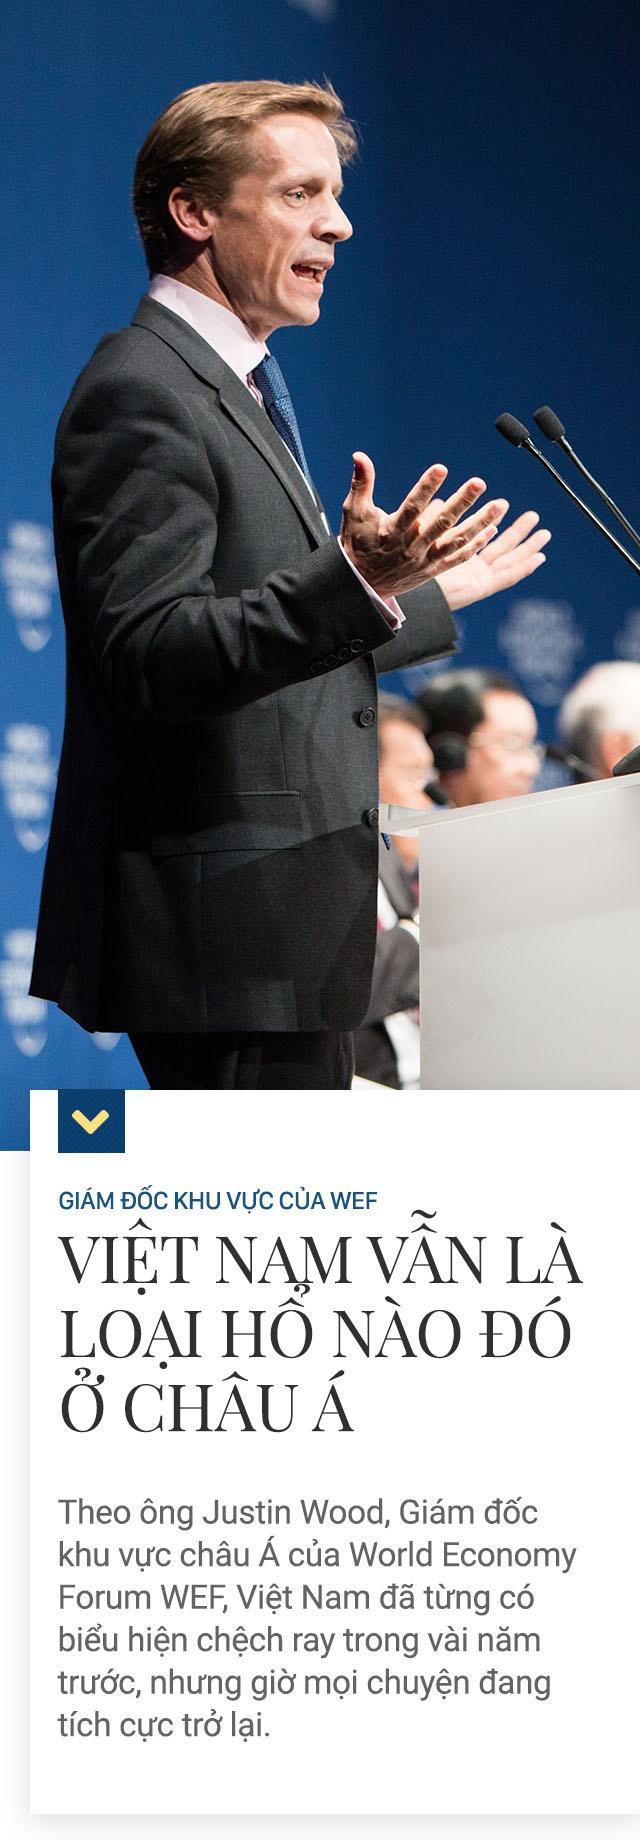 Giam doc khu vuc cua WEF: 'Viet Nam van la loai ho nao do o chau A' hinh anh 1